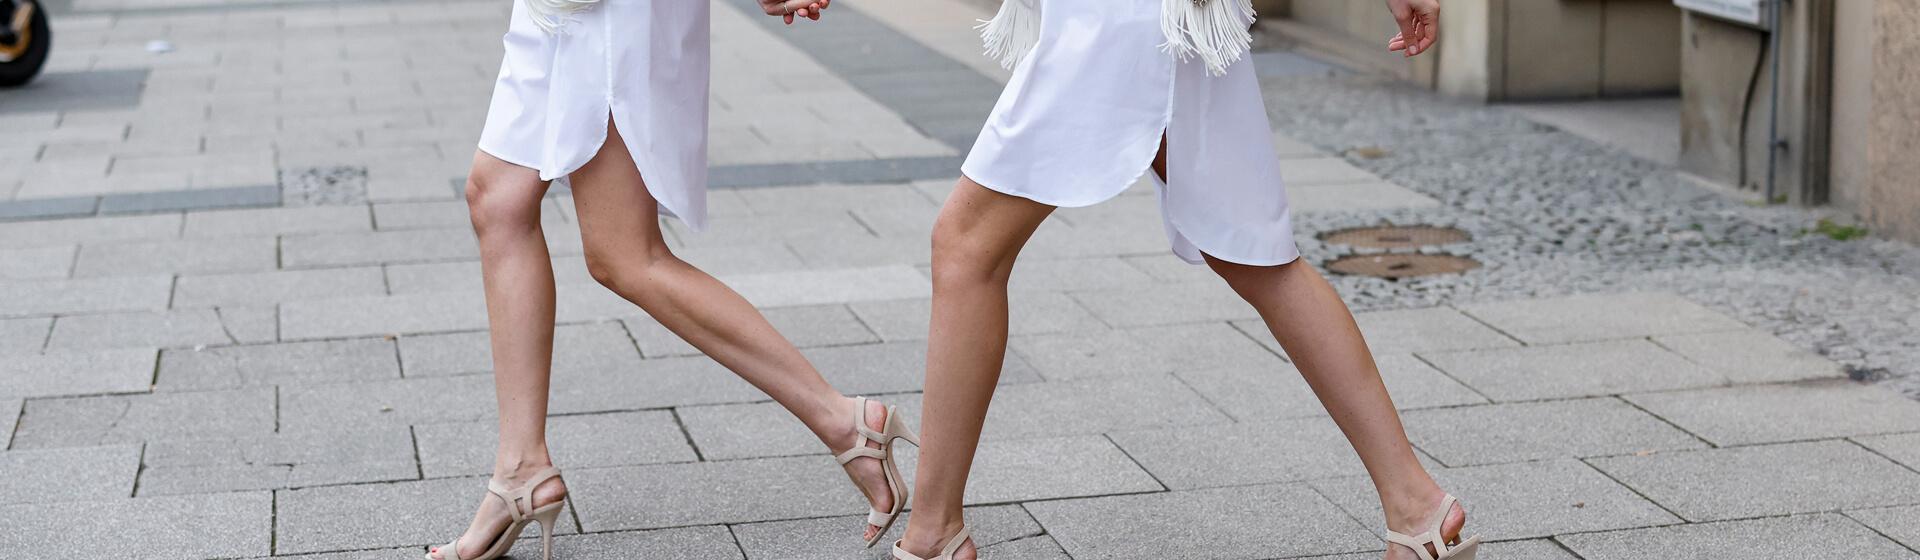 Sandalias para que tus piernas parezcan más largas